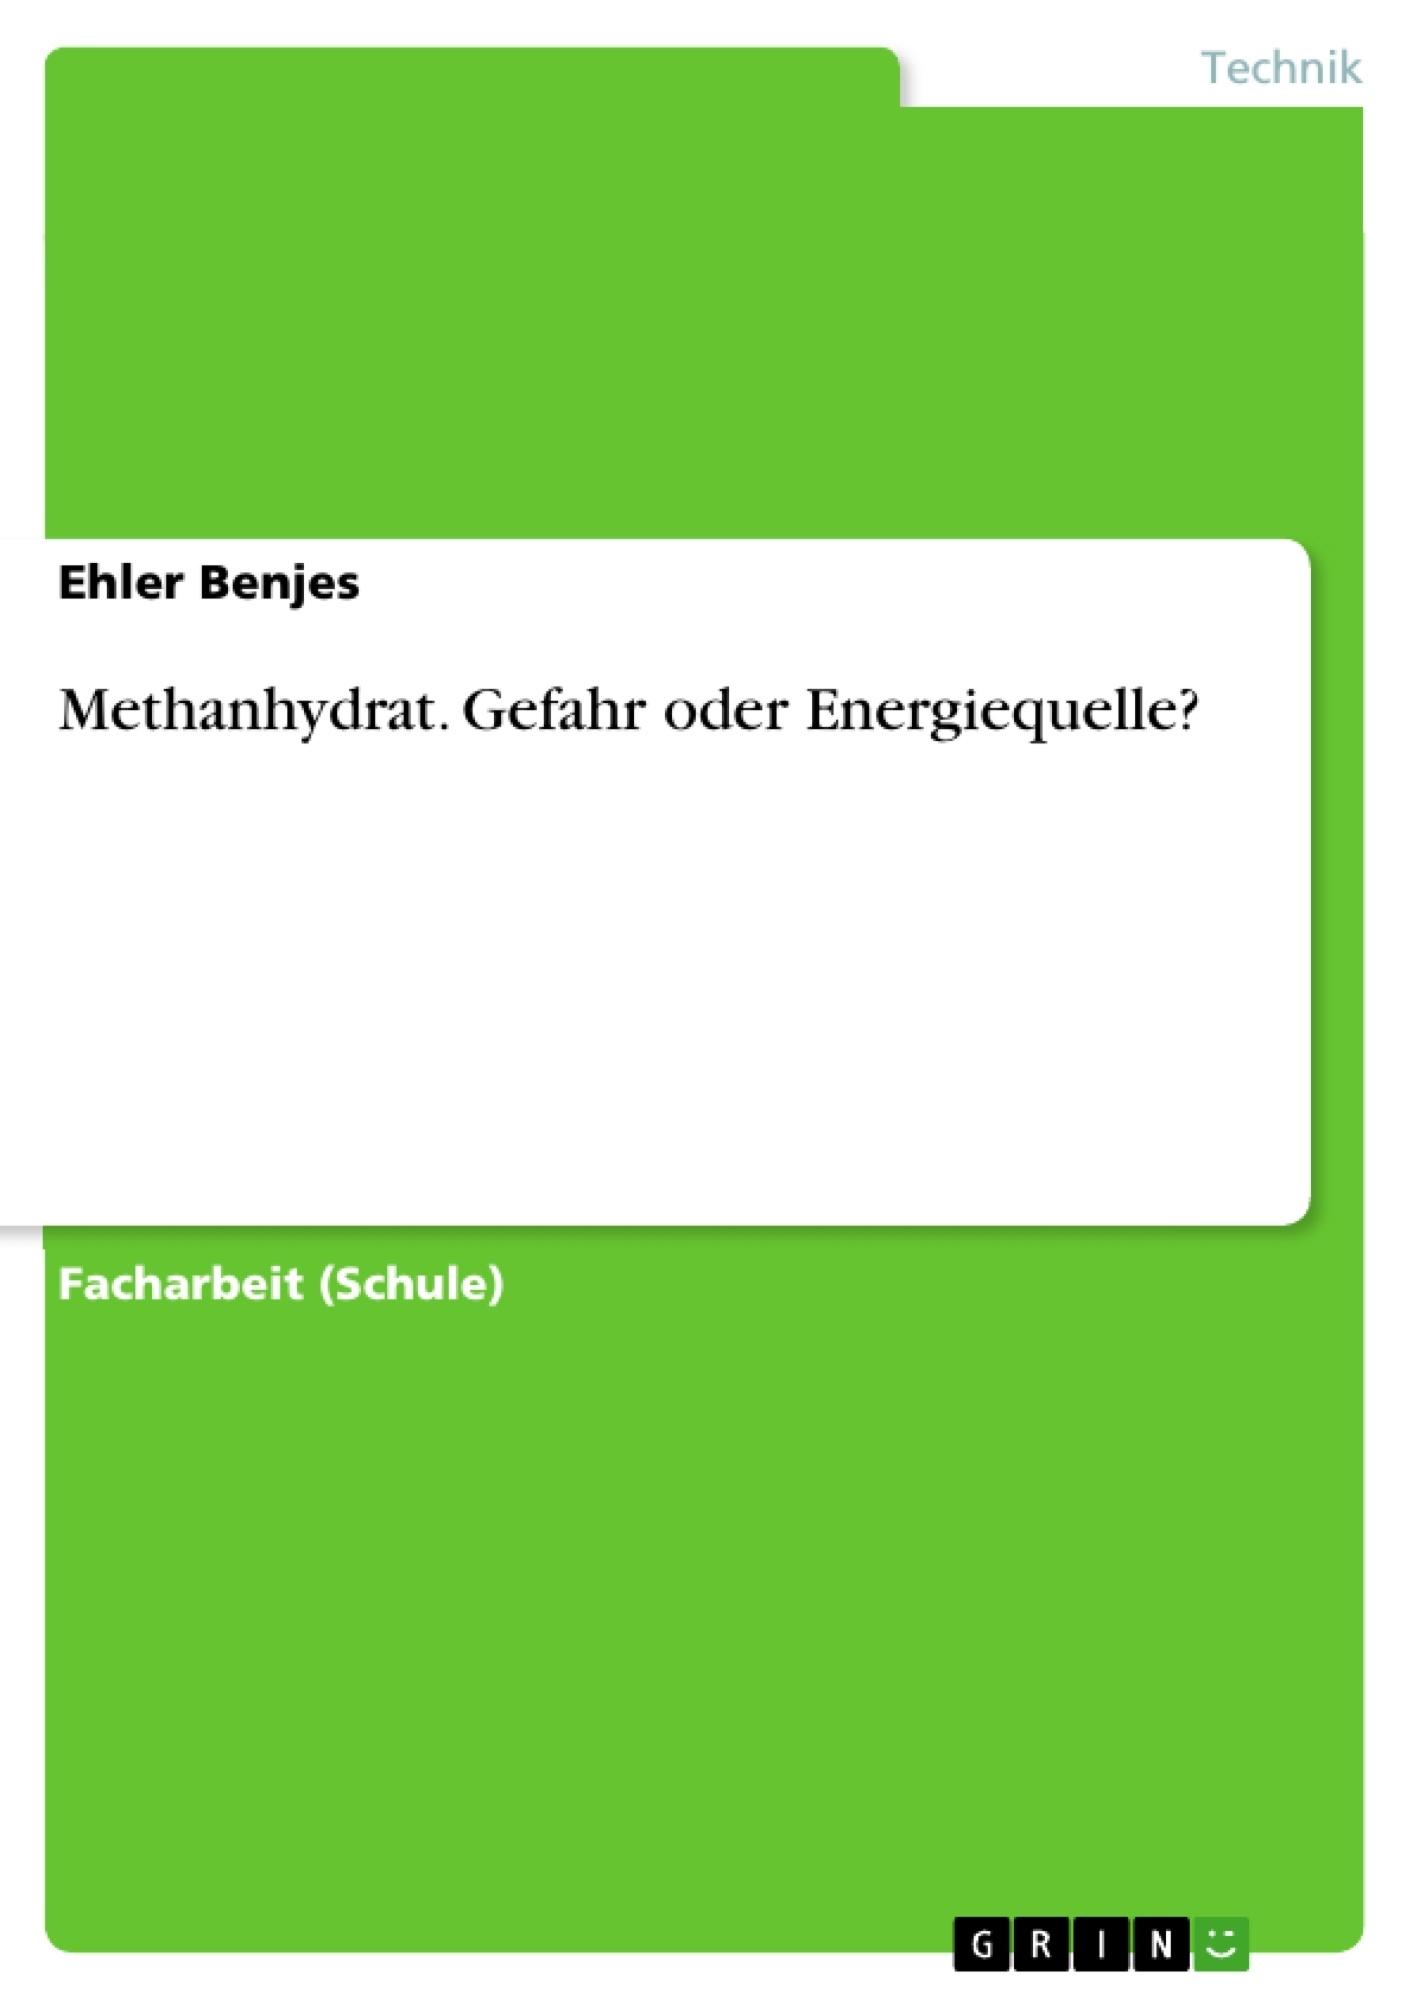 Titel: Methanhydrat. Gefahr oder Energiequelle?